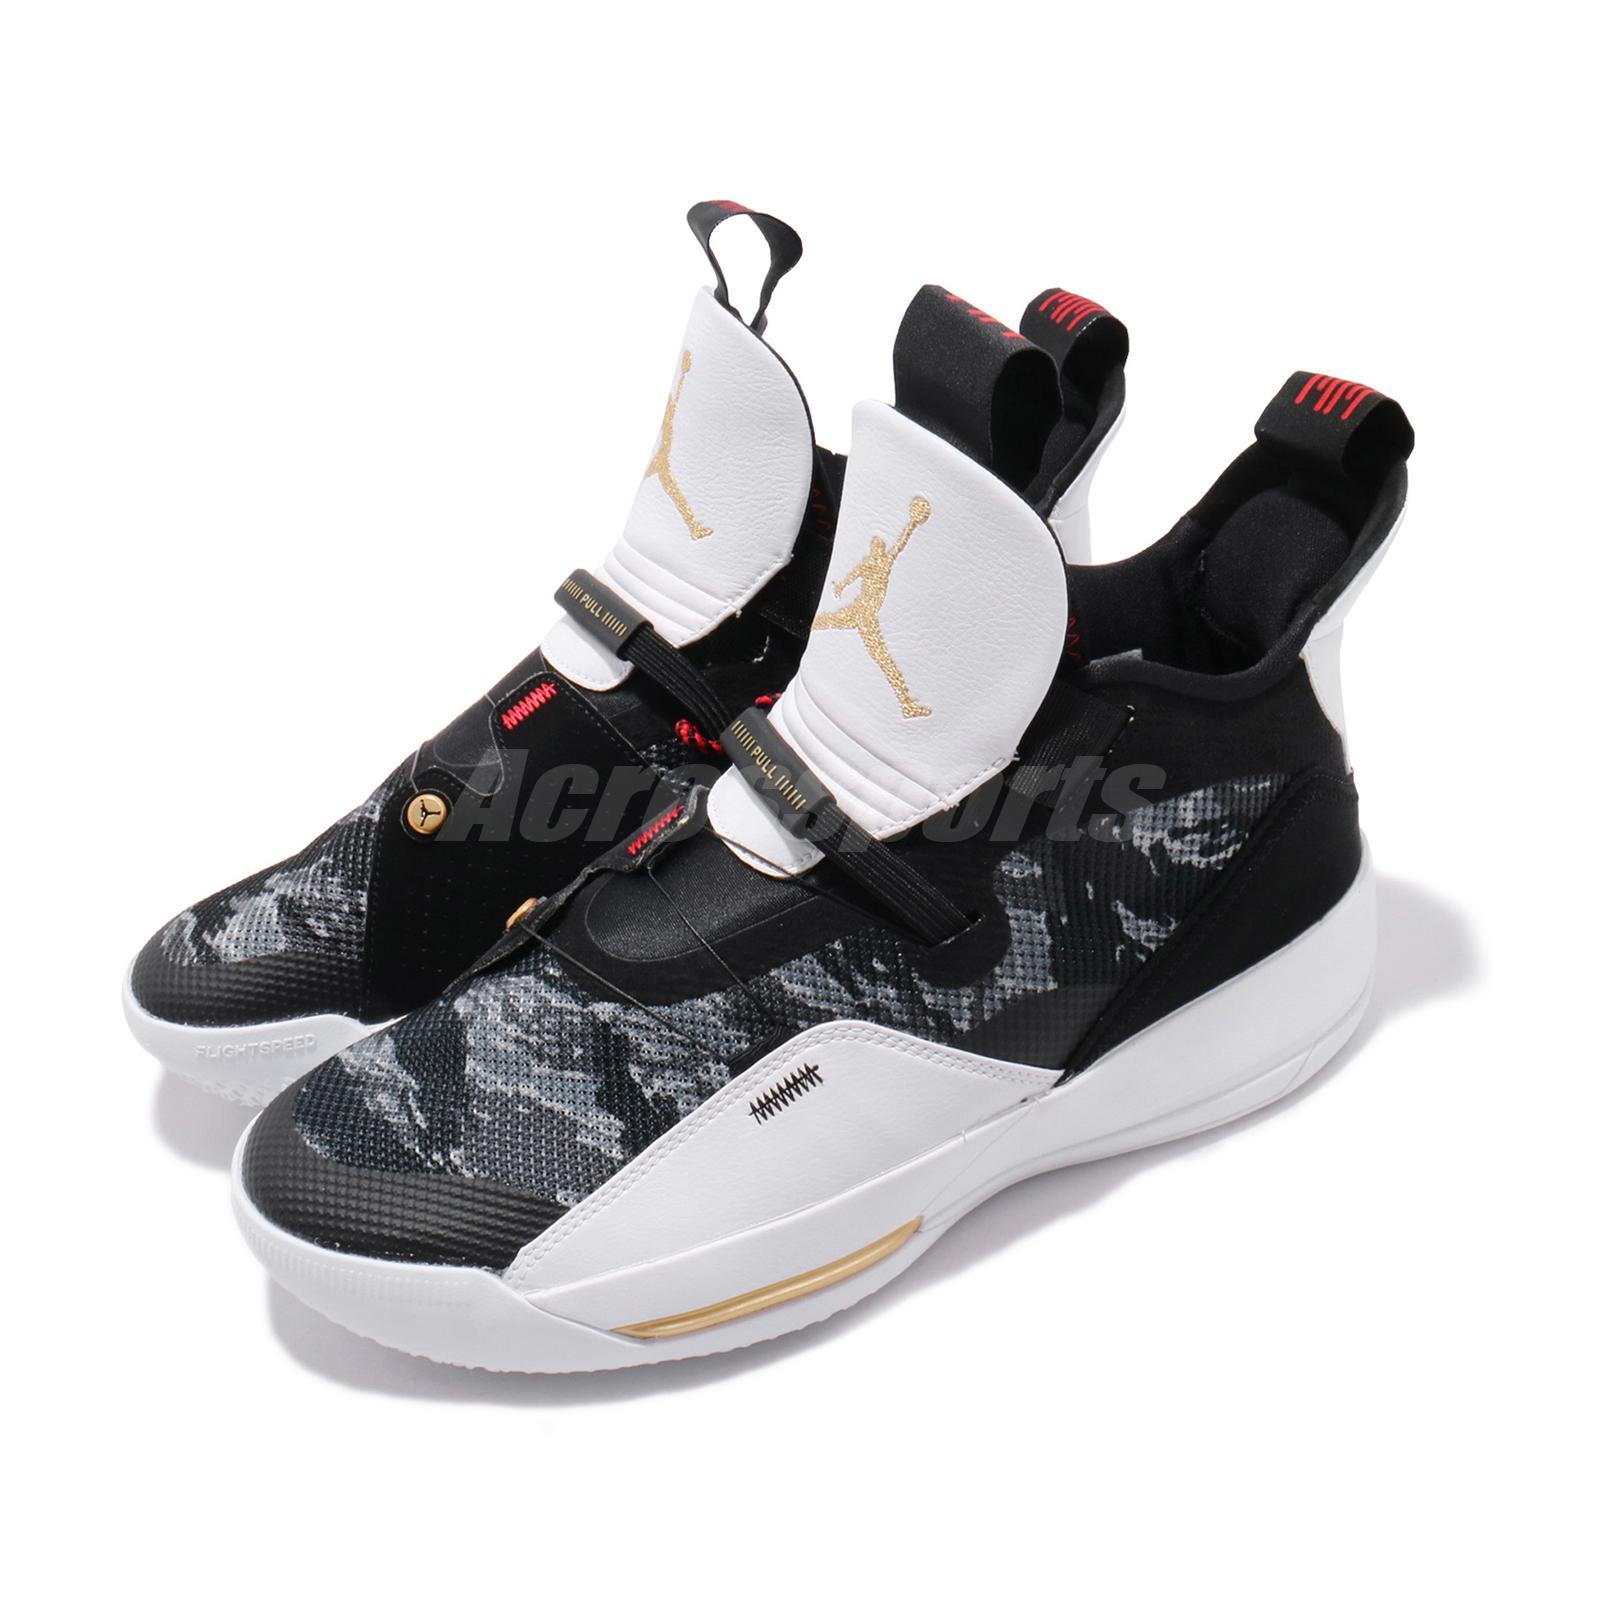 zapatos tiger onitsuka en panama y colombia precio jordan